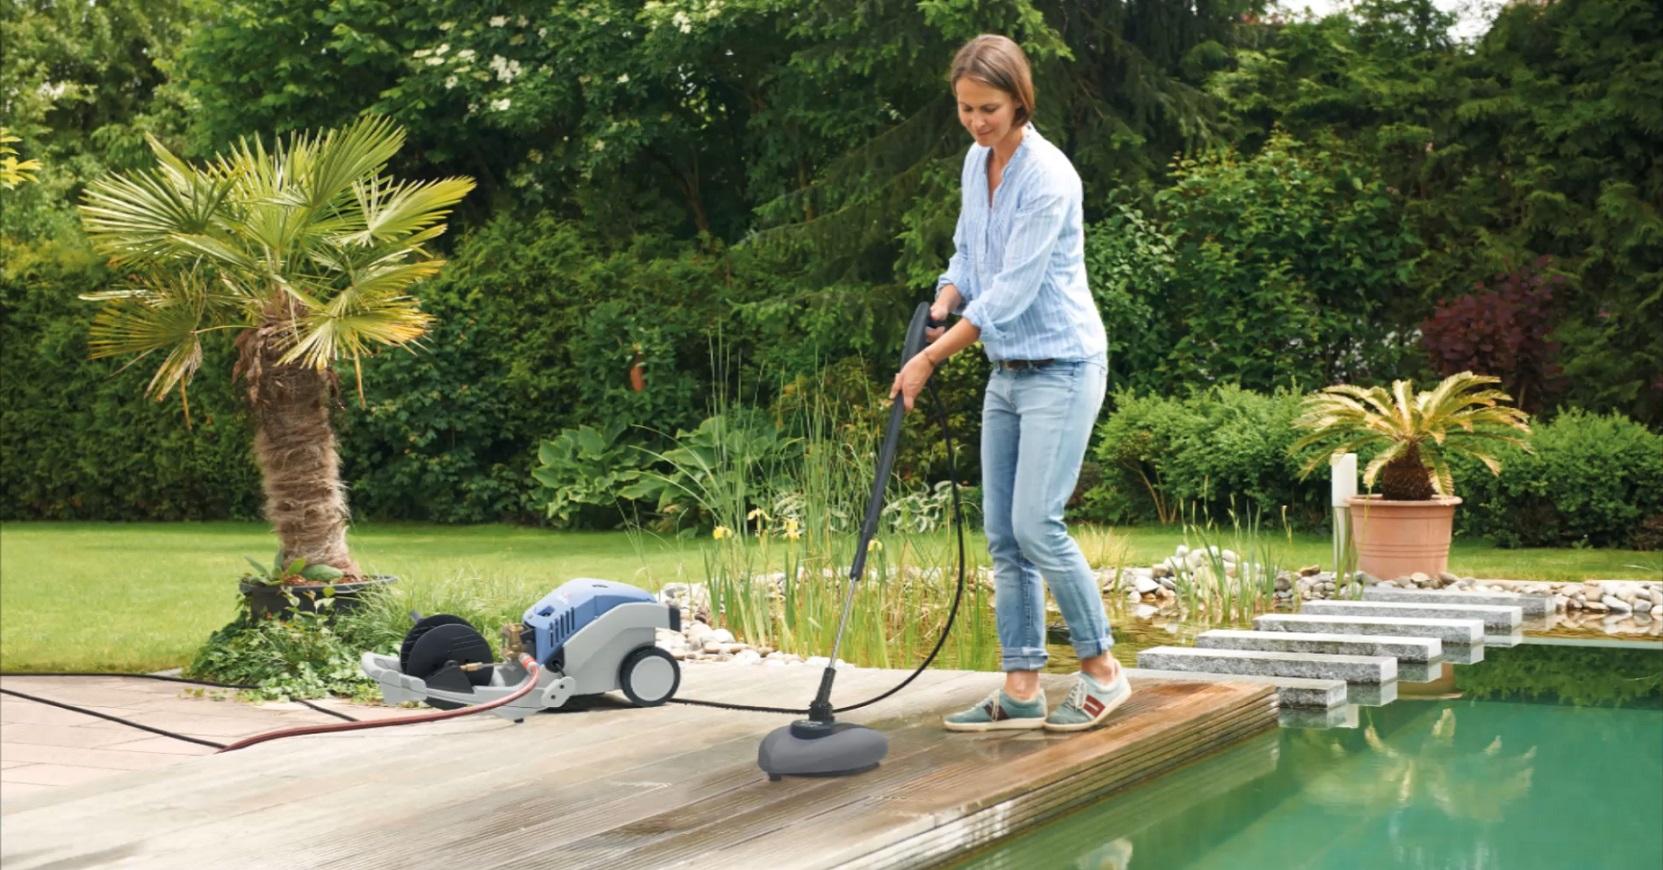 Kränzle Hochdruckreiniger bei Gartentechnik Nauroth